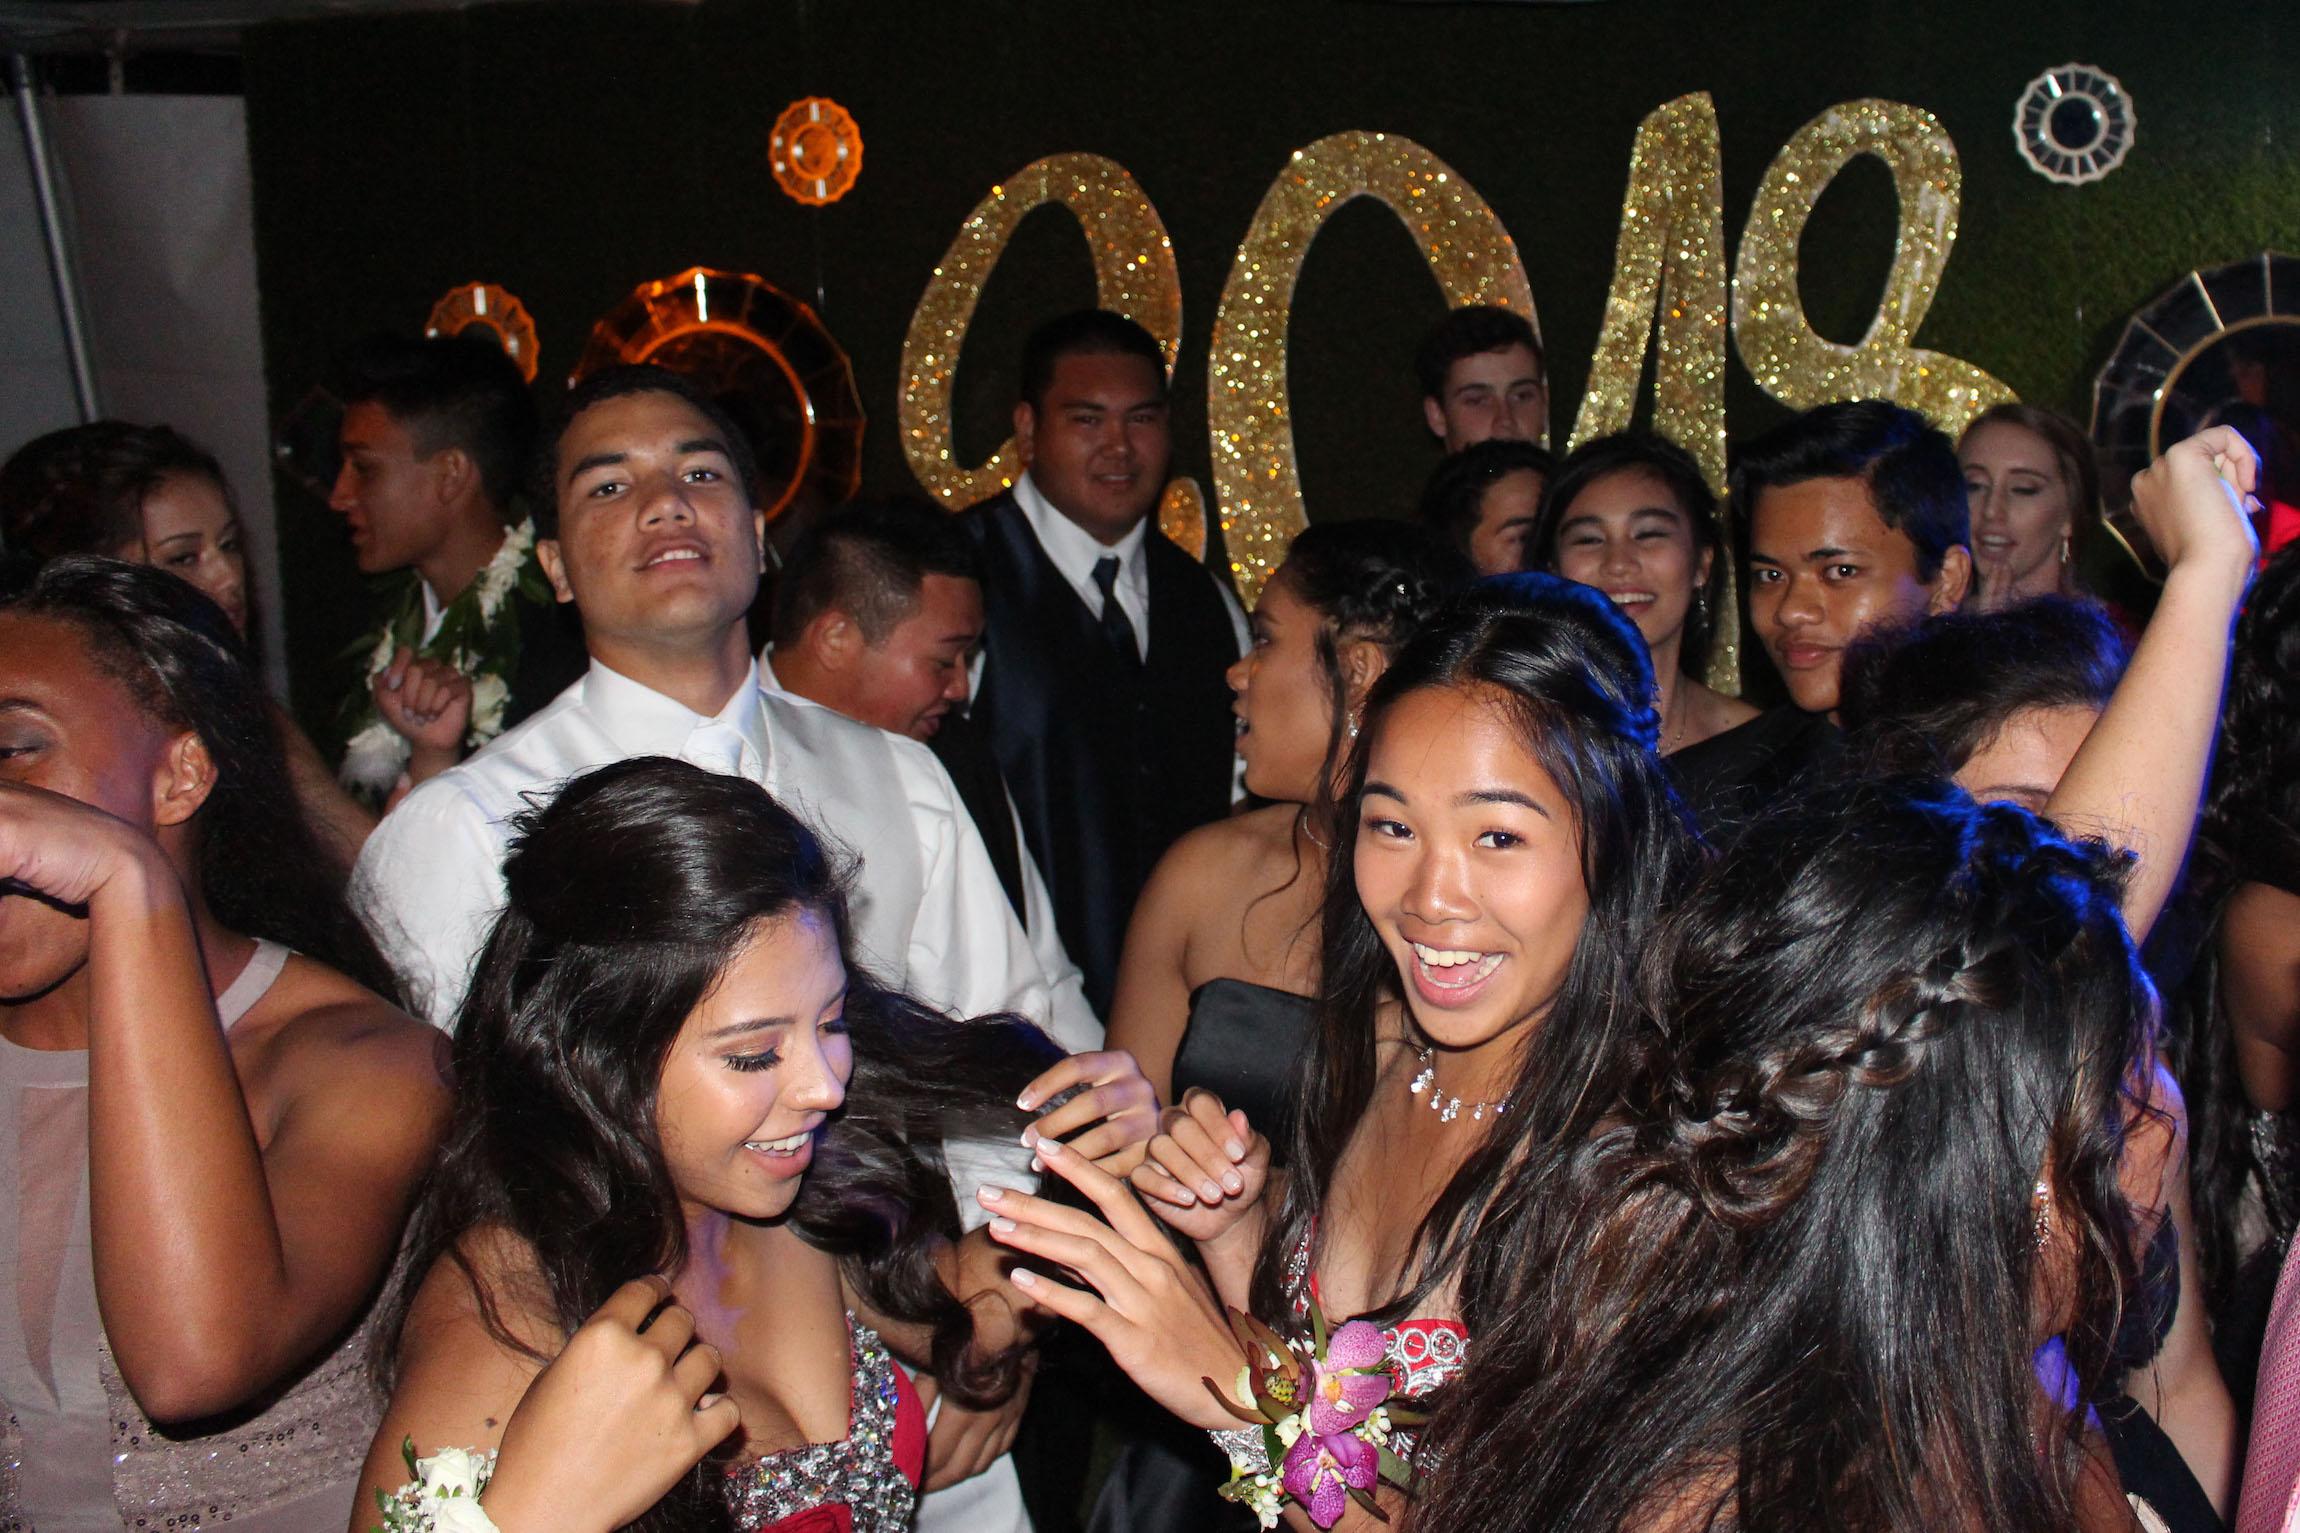 Ka Papa Lama dances the night away cherishing it as